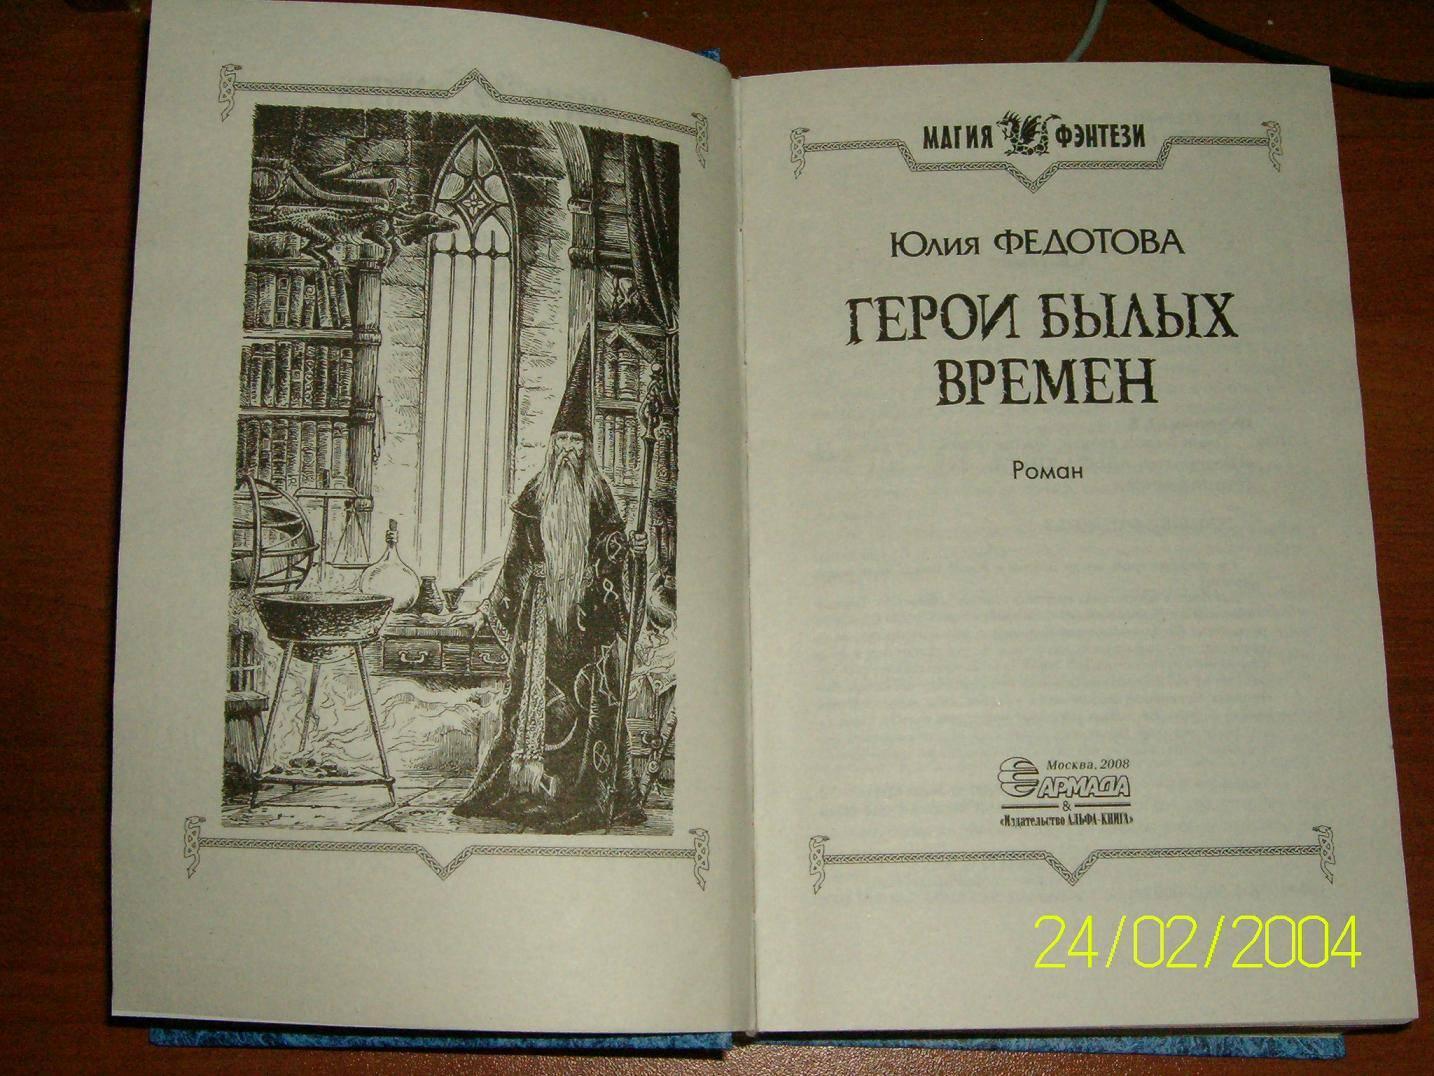 Иллюстрация 1 из 2 для Герои былых времён - Юлия Федотова   Лабиринт - книги. Источник: Катарина